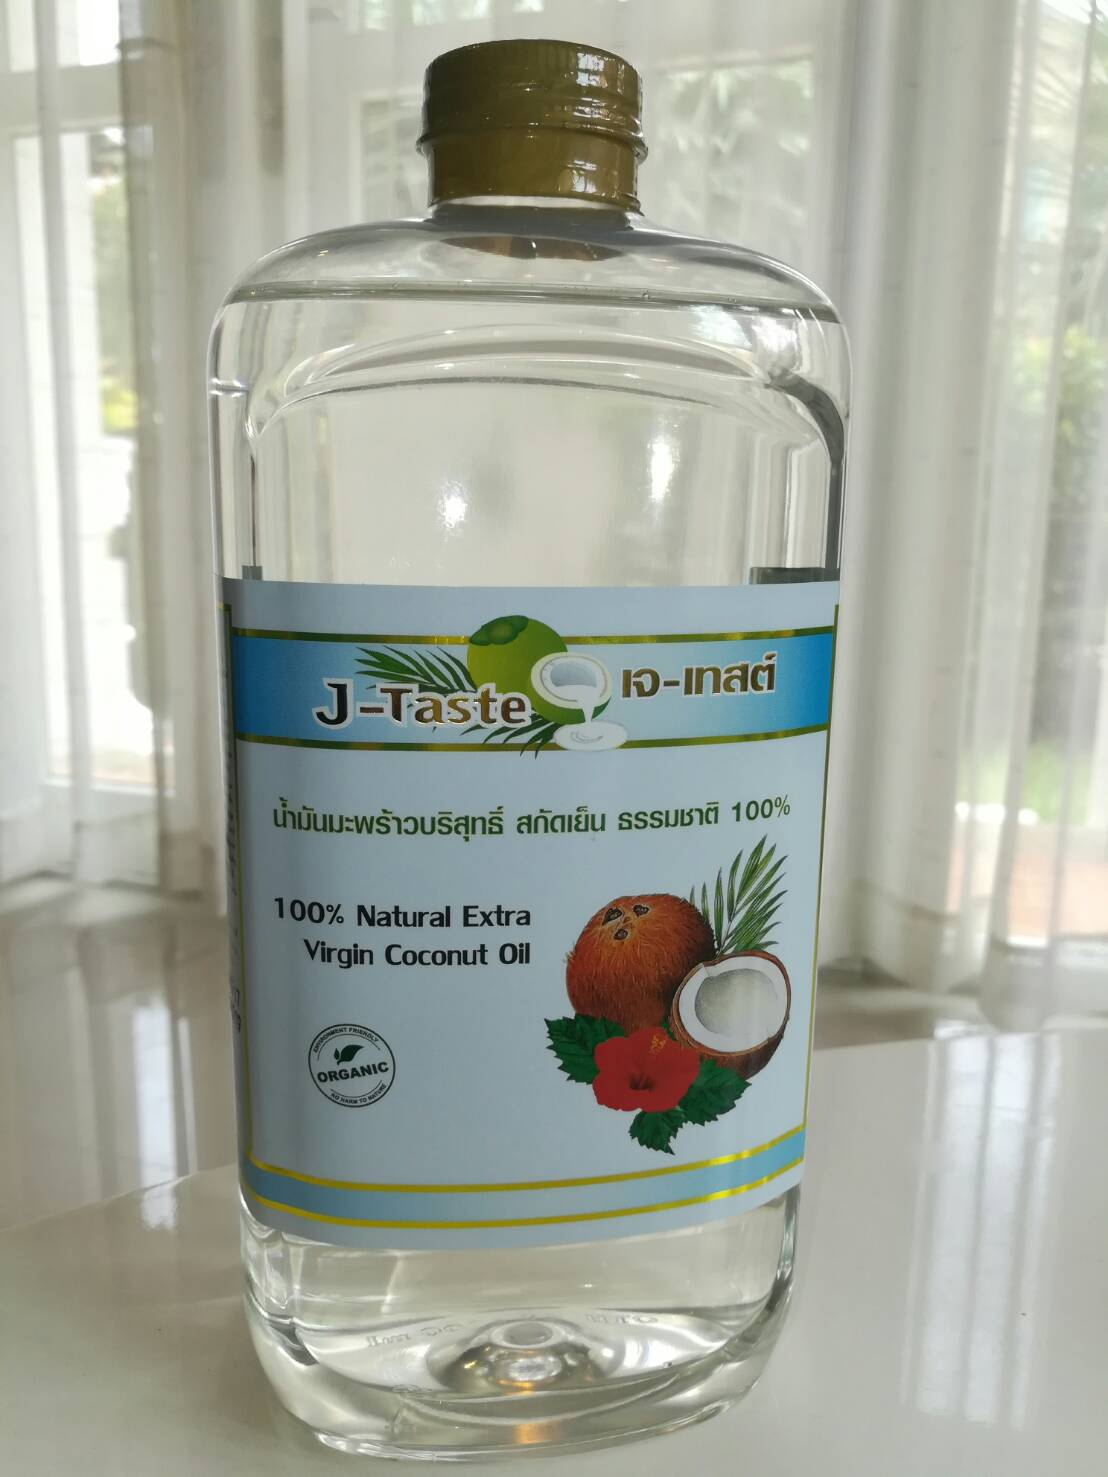 น้ำมันมะพร้าวบริสุทธิ์ สกัดเย็น ธรรมชาติ 100% เจ-เทสต์ ขนาด 1,000ml.